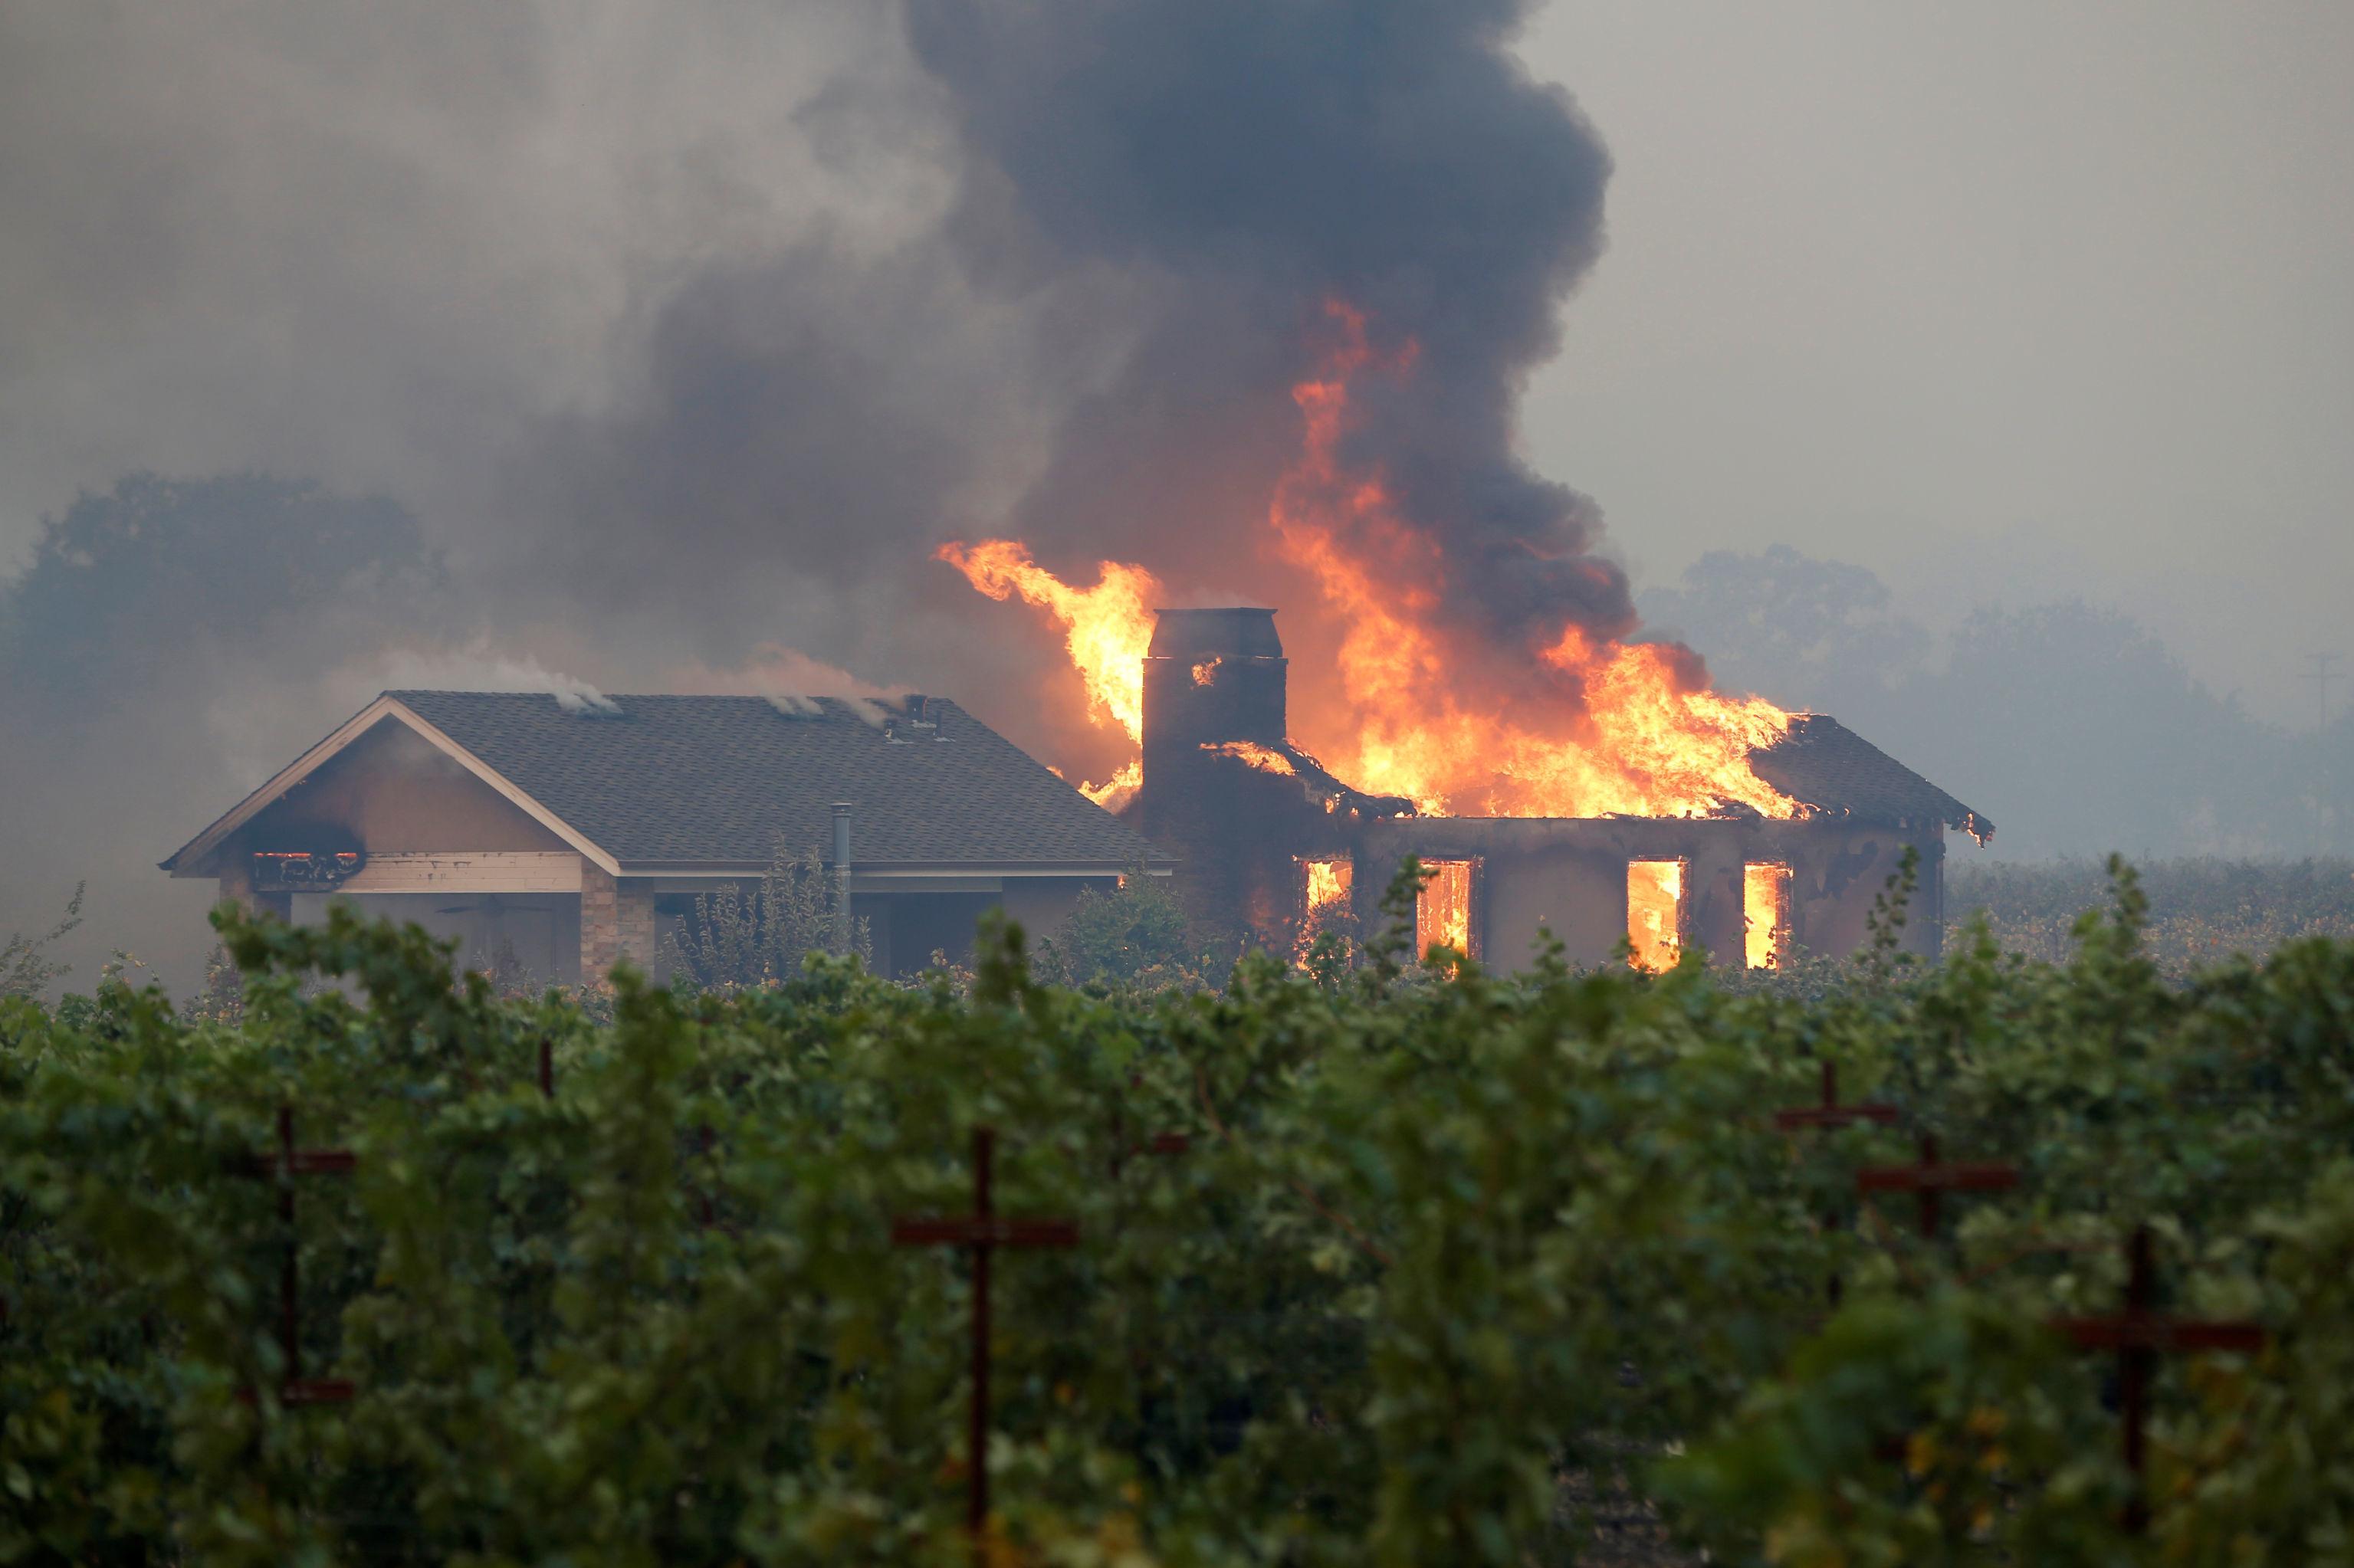 Construção pega fogo na cidade de Geyserville, na Califórnia, em 24 de outubro de 2019